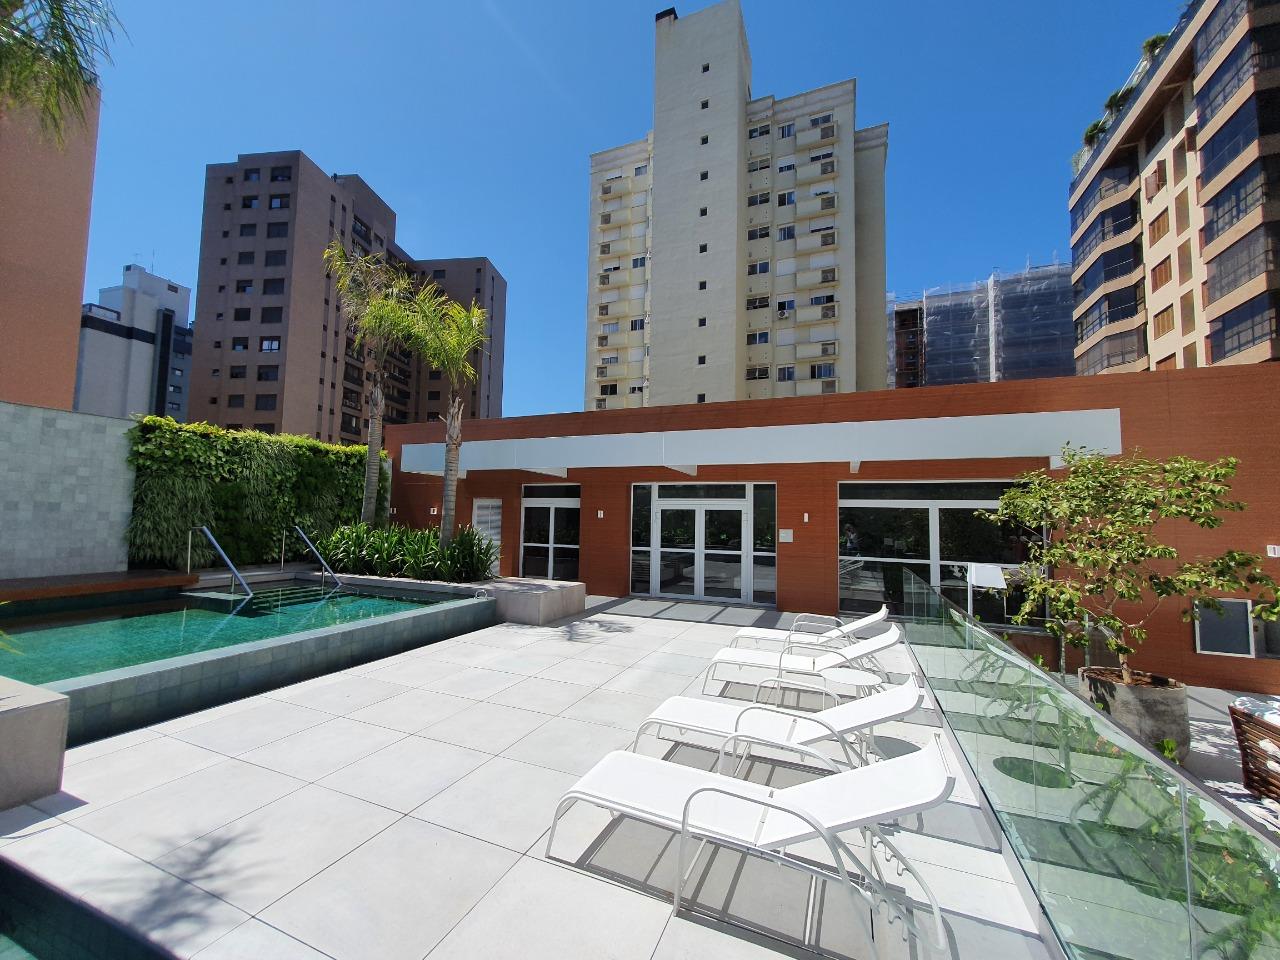 - Empreendimento: Homero - Móveis para as áreas comuns do condomínio - Projeto:Baldasso Arq. e Eng - Fotos: Elvira Forttuna